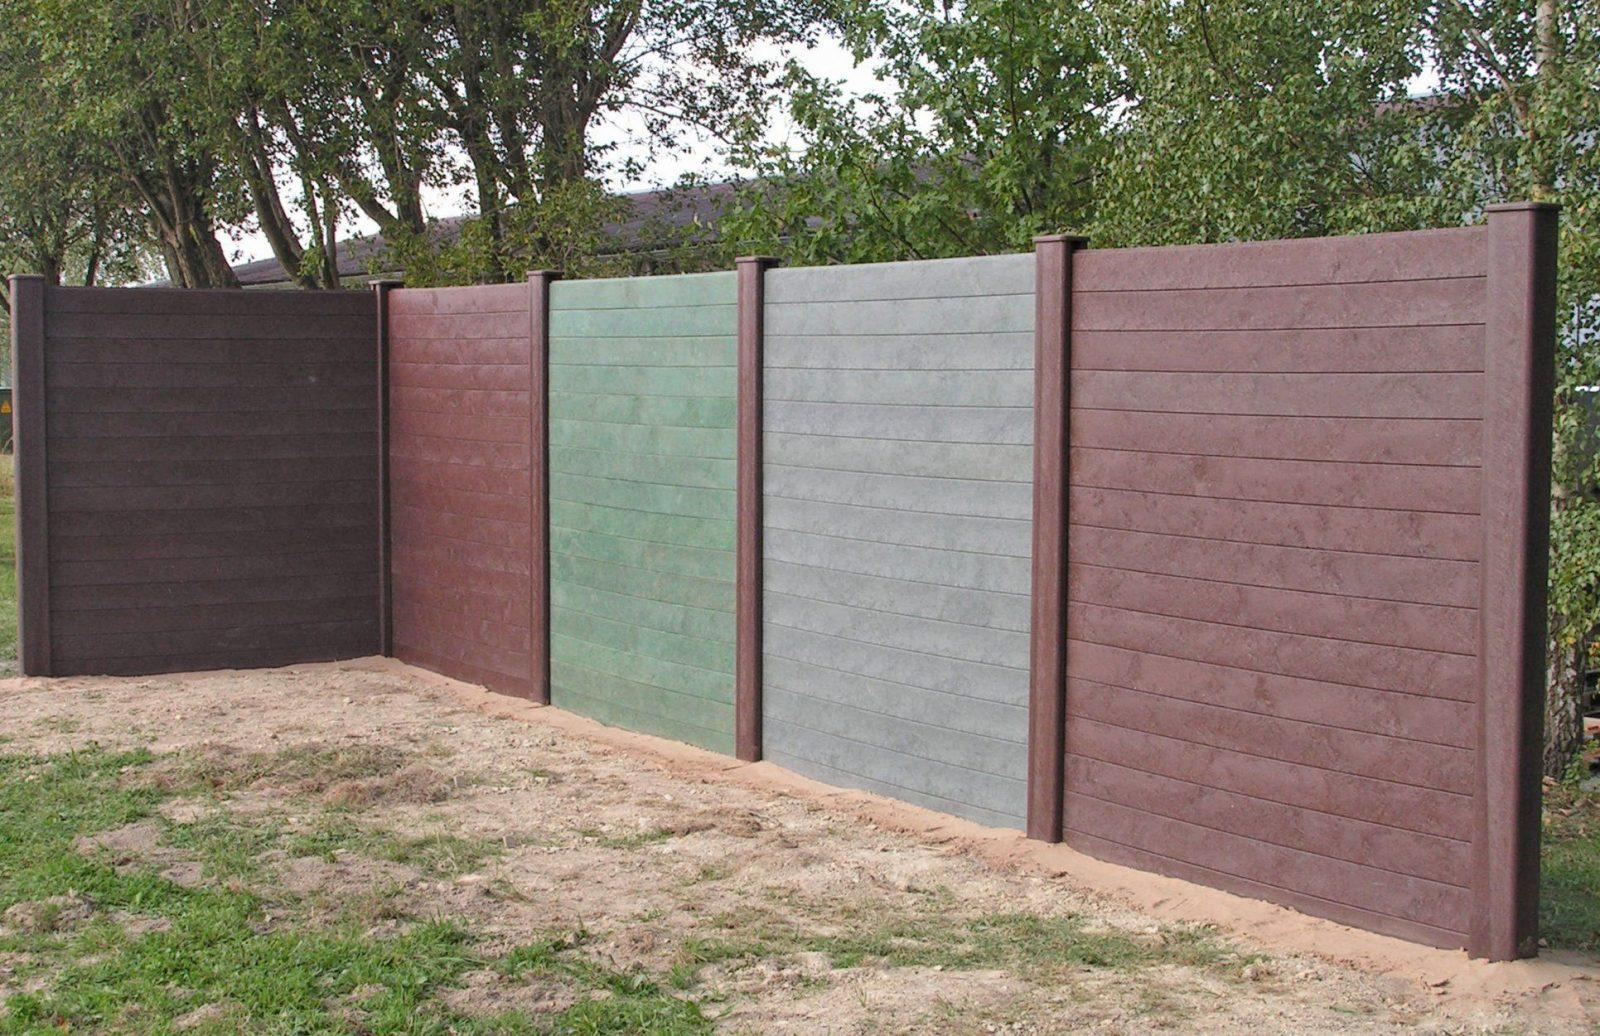 Gartenzaun Kunststoff Sichtschutz Mk67 – Hitoiro von Sichtschutz Garten Kunststoff Grau Bild